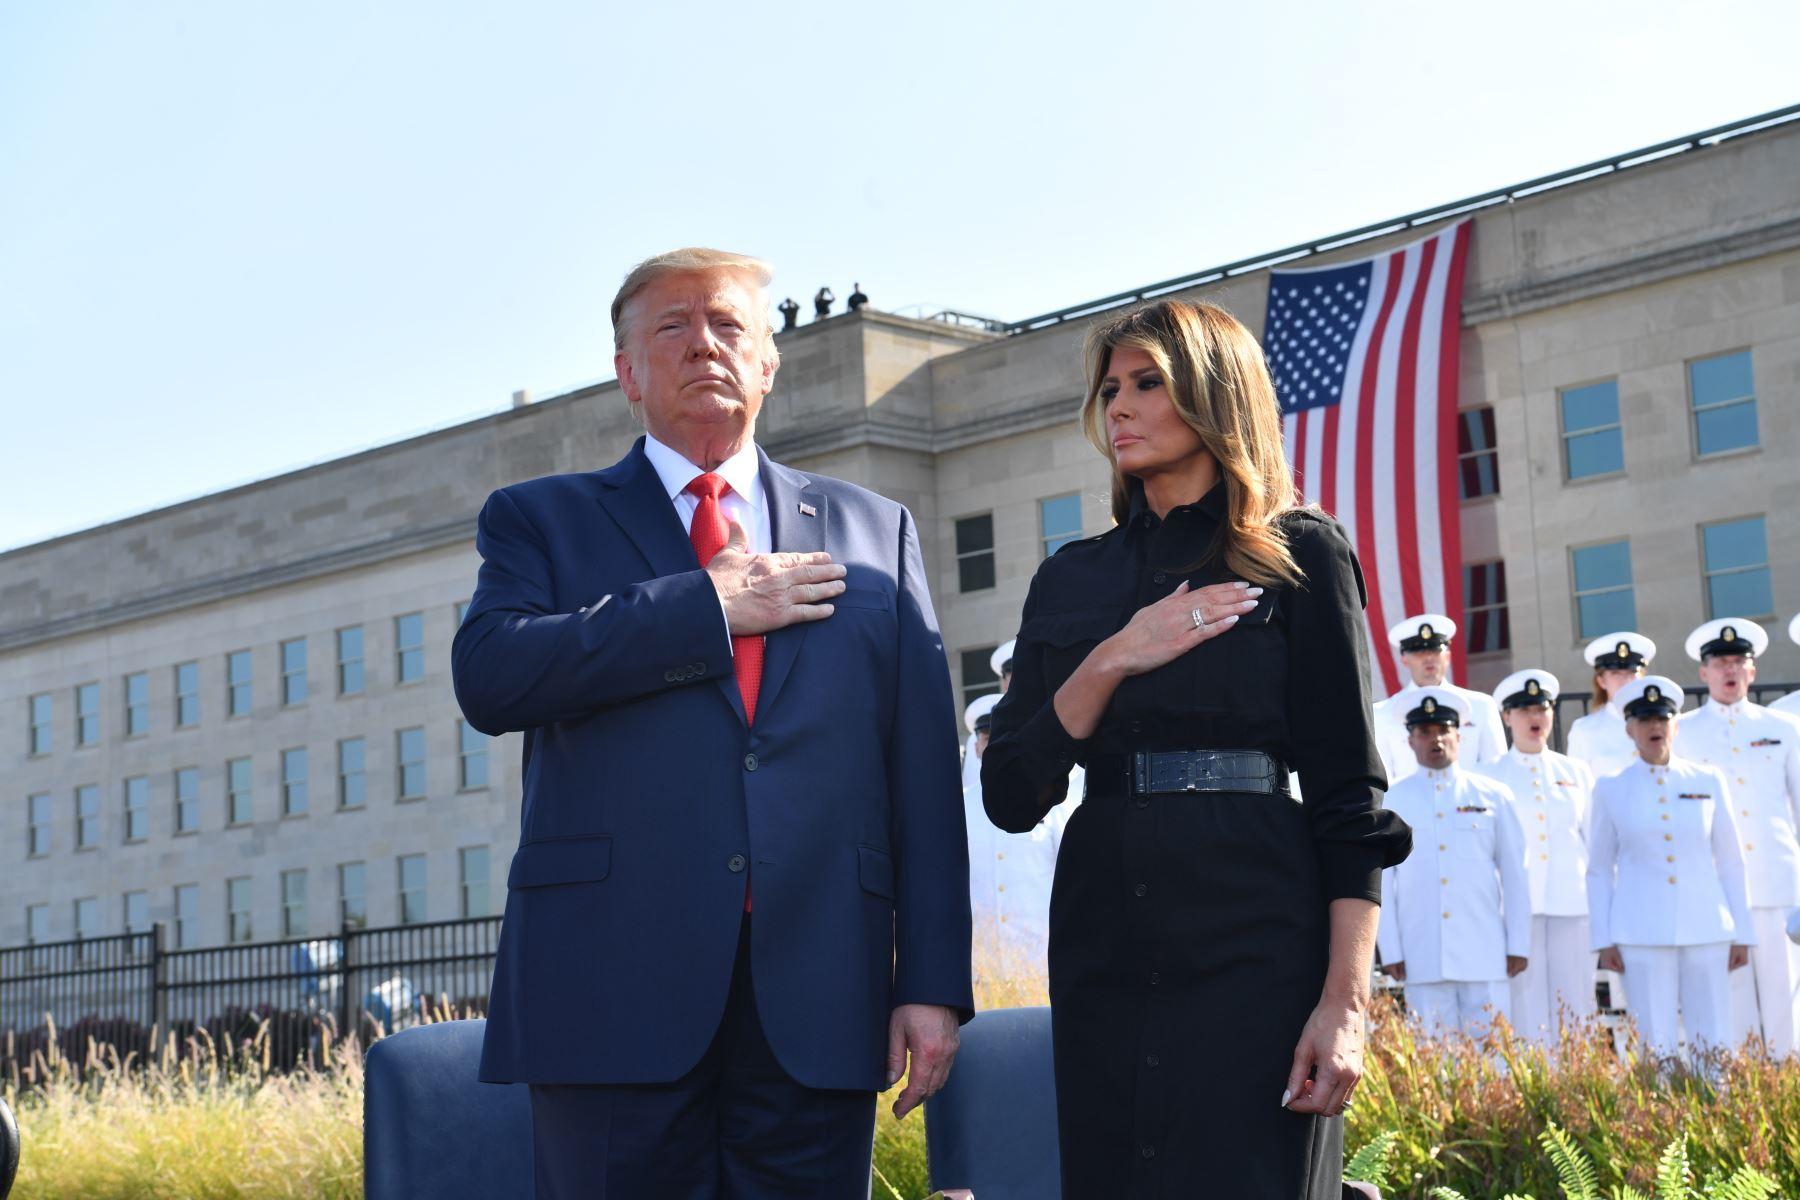 El presidente de los Estados Unidos, Donald Trump, y la primera dama Melania Trump escuchan el himno nacional durante una ceremonia que marca el 18 aniversario de los ataques del 11 de septiembre en el Pentágono en Washington, DC.  Foto: AFP